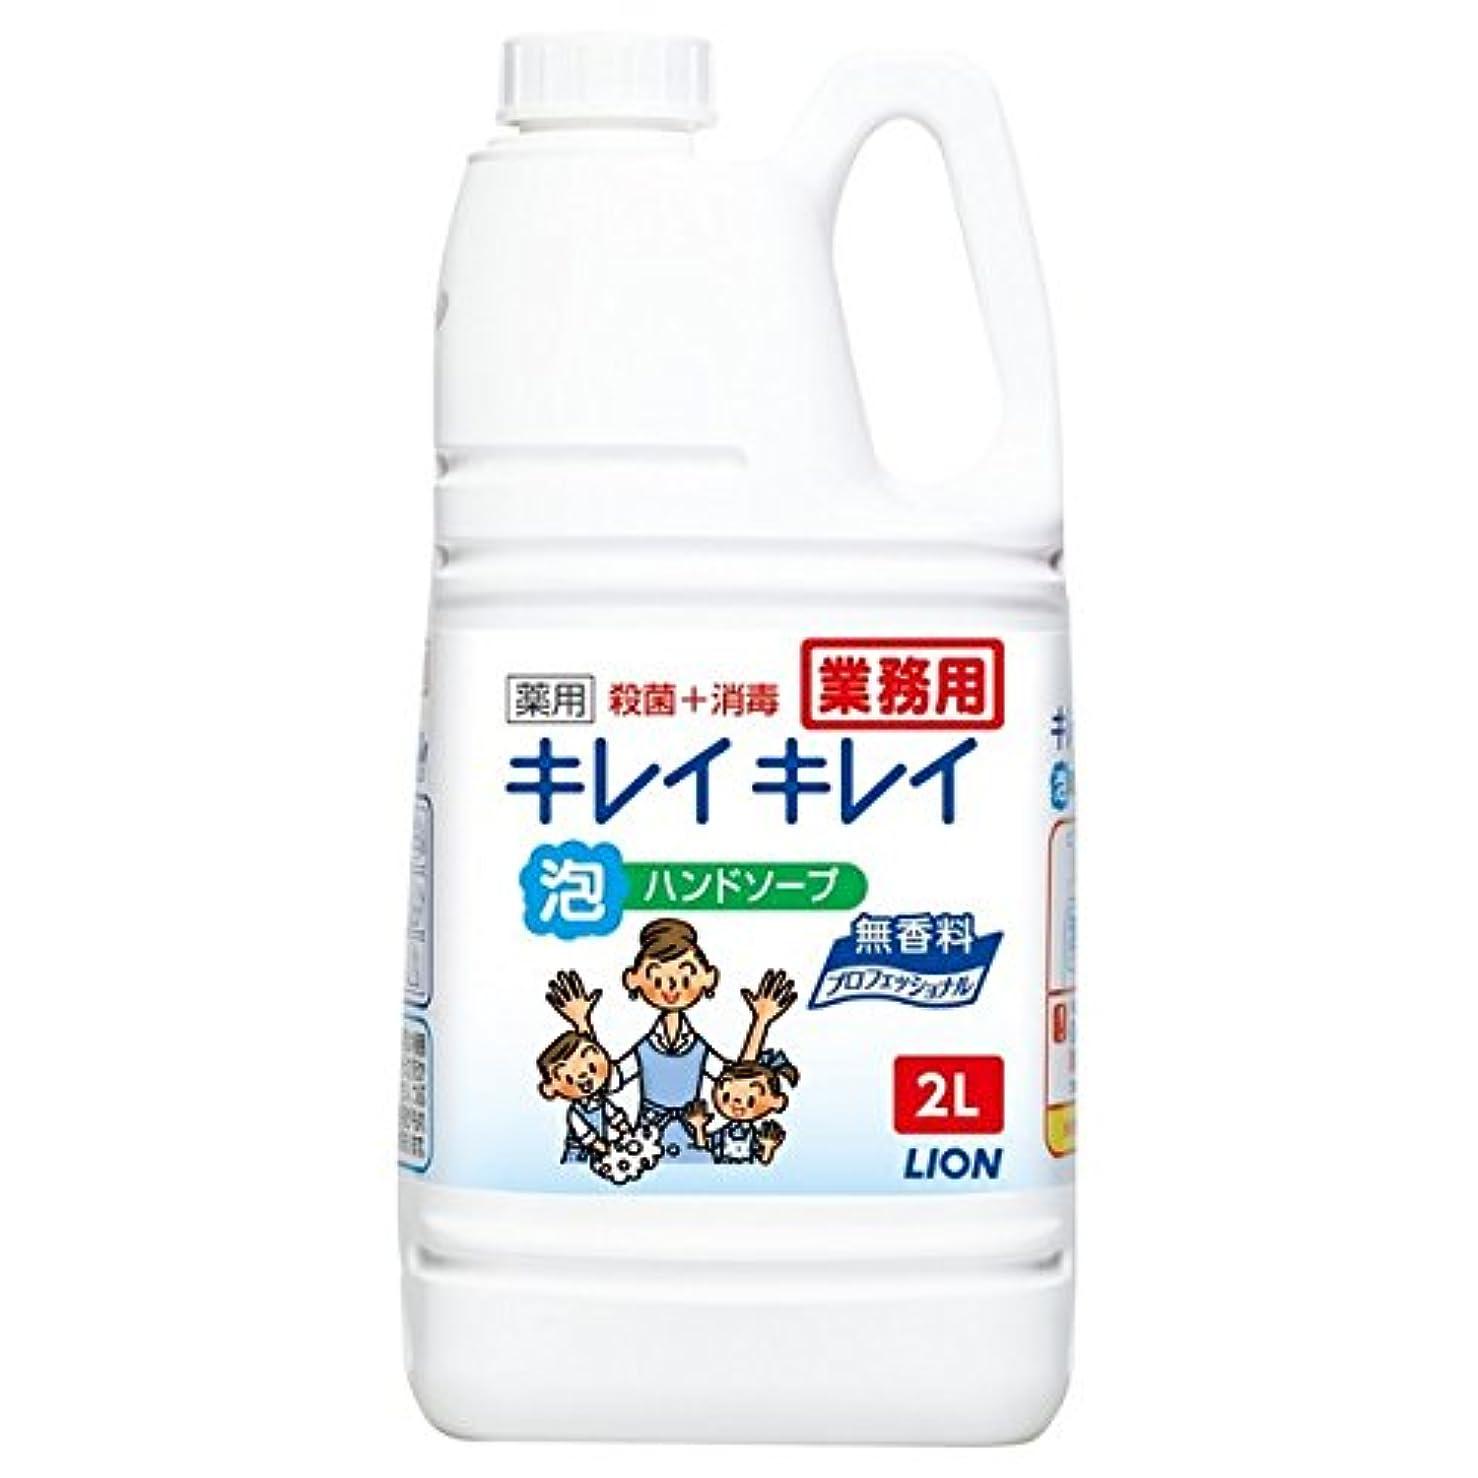 豊富な戻る締め切りライオン キレイキレイ薬用泡ハンドソープ 無香料 2L×6本入